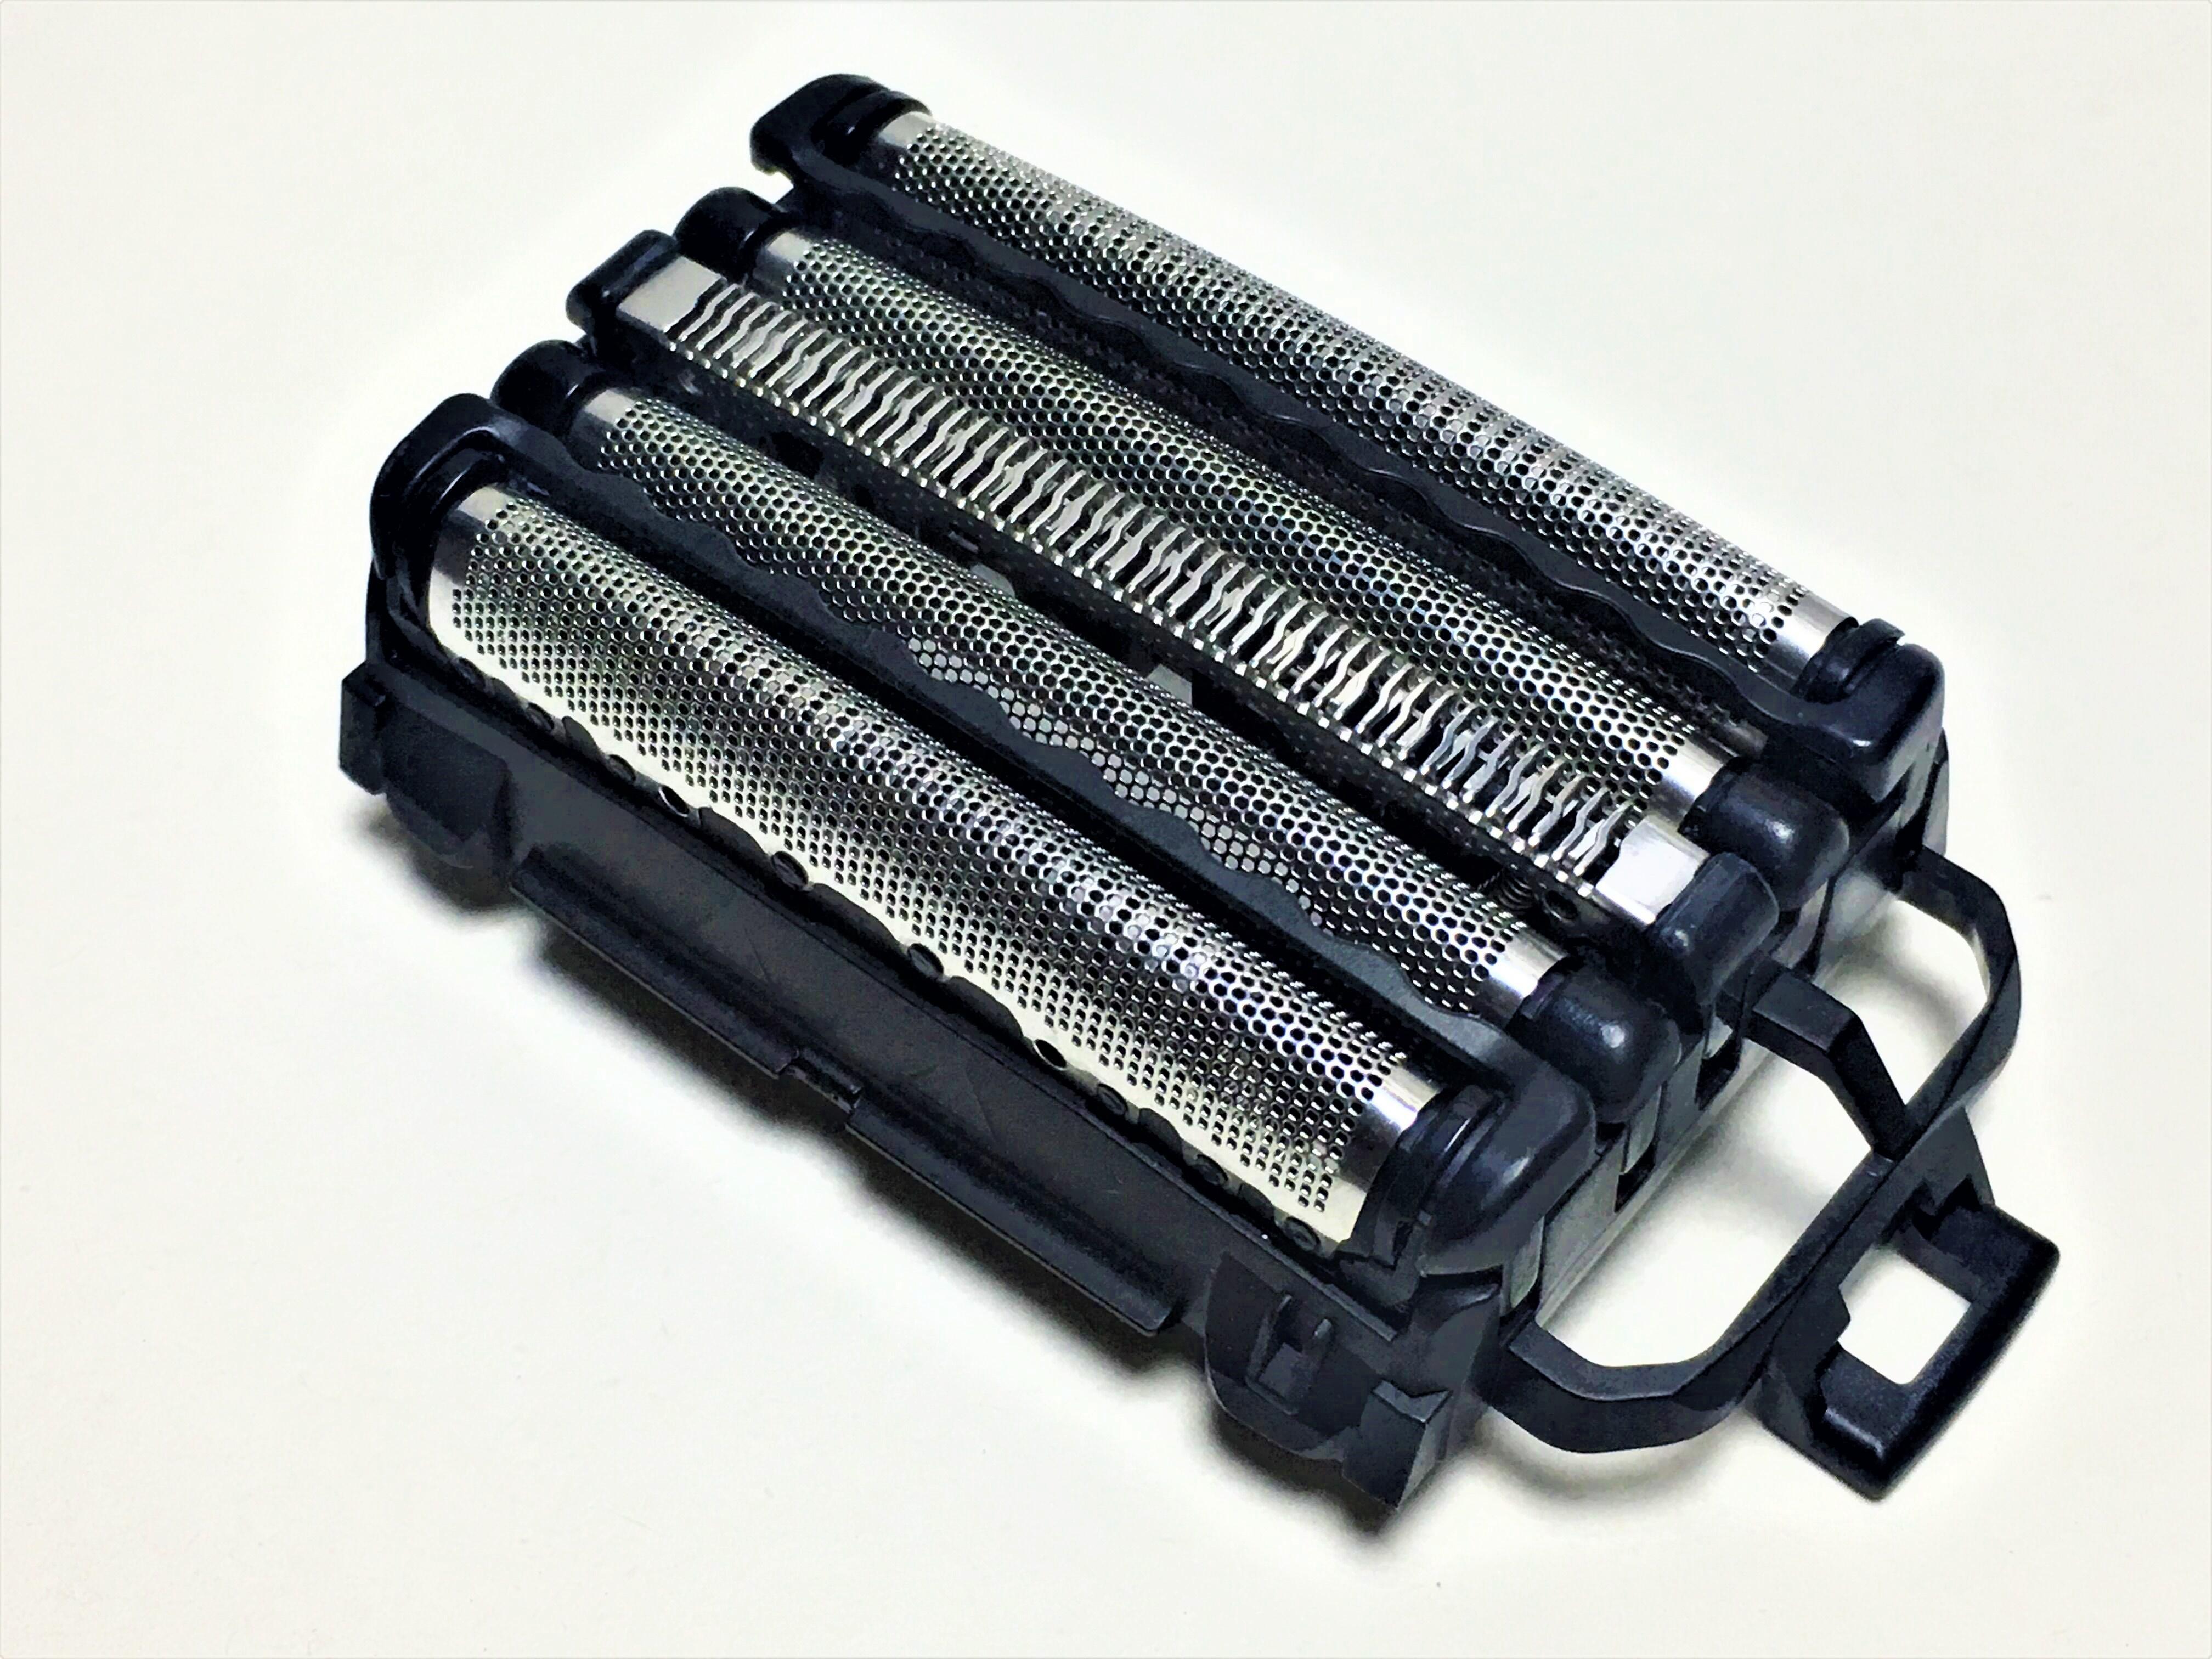 Shaver Außenklingenschneider Foil Rasierer für Panasonic Arc5 ES-LV65 ES-LV65-S ES-LV70 ES-LV72 ES-LV74 ES-LV76 ES-LV80 ES-LV81 ES-LV81-K ES-LV82